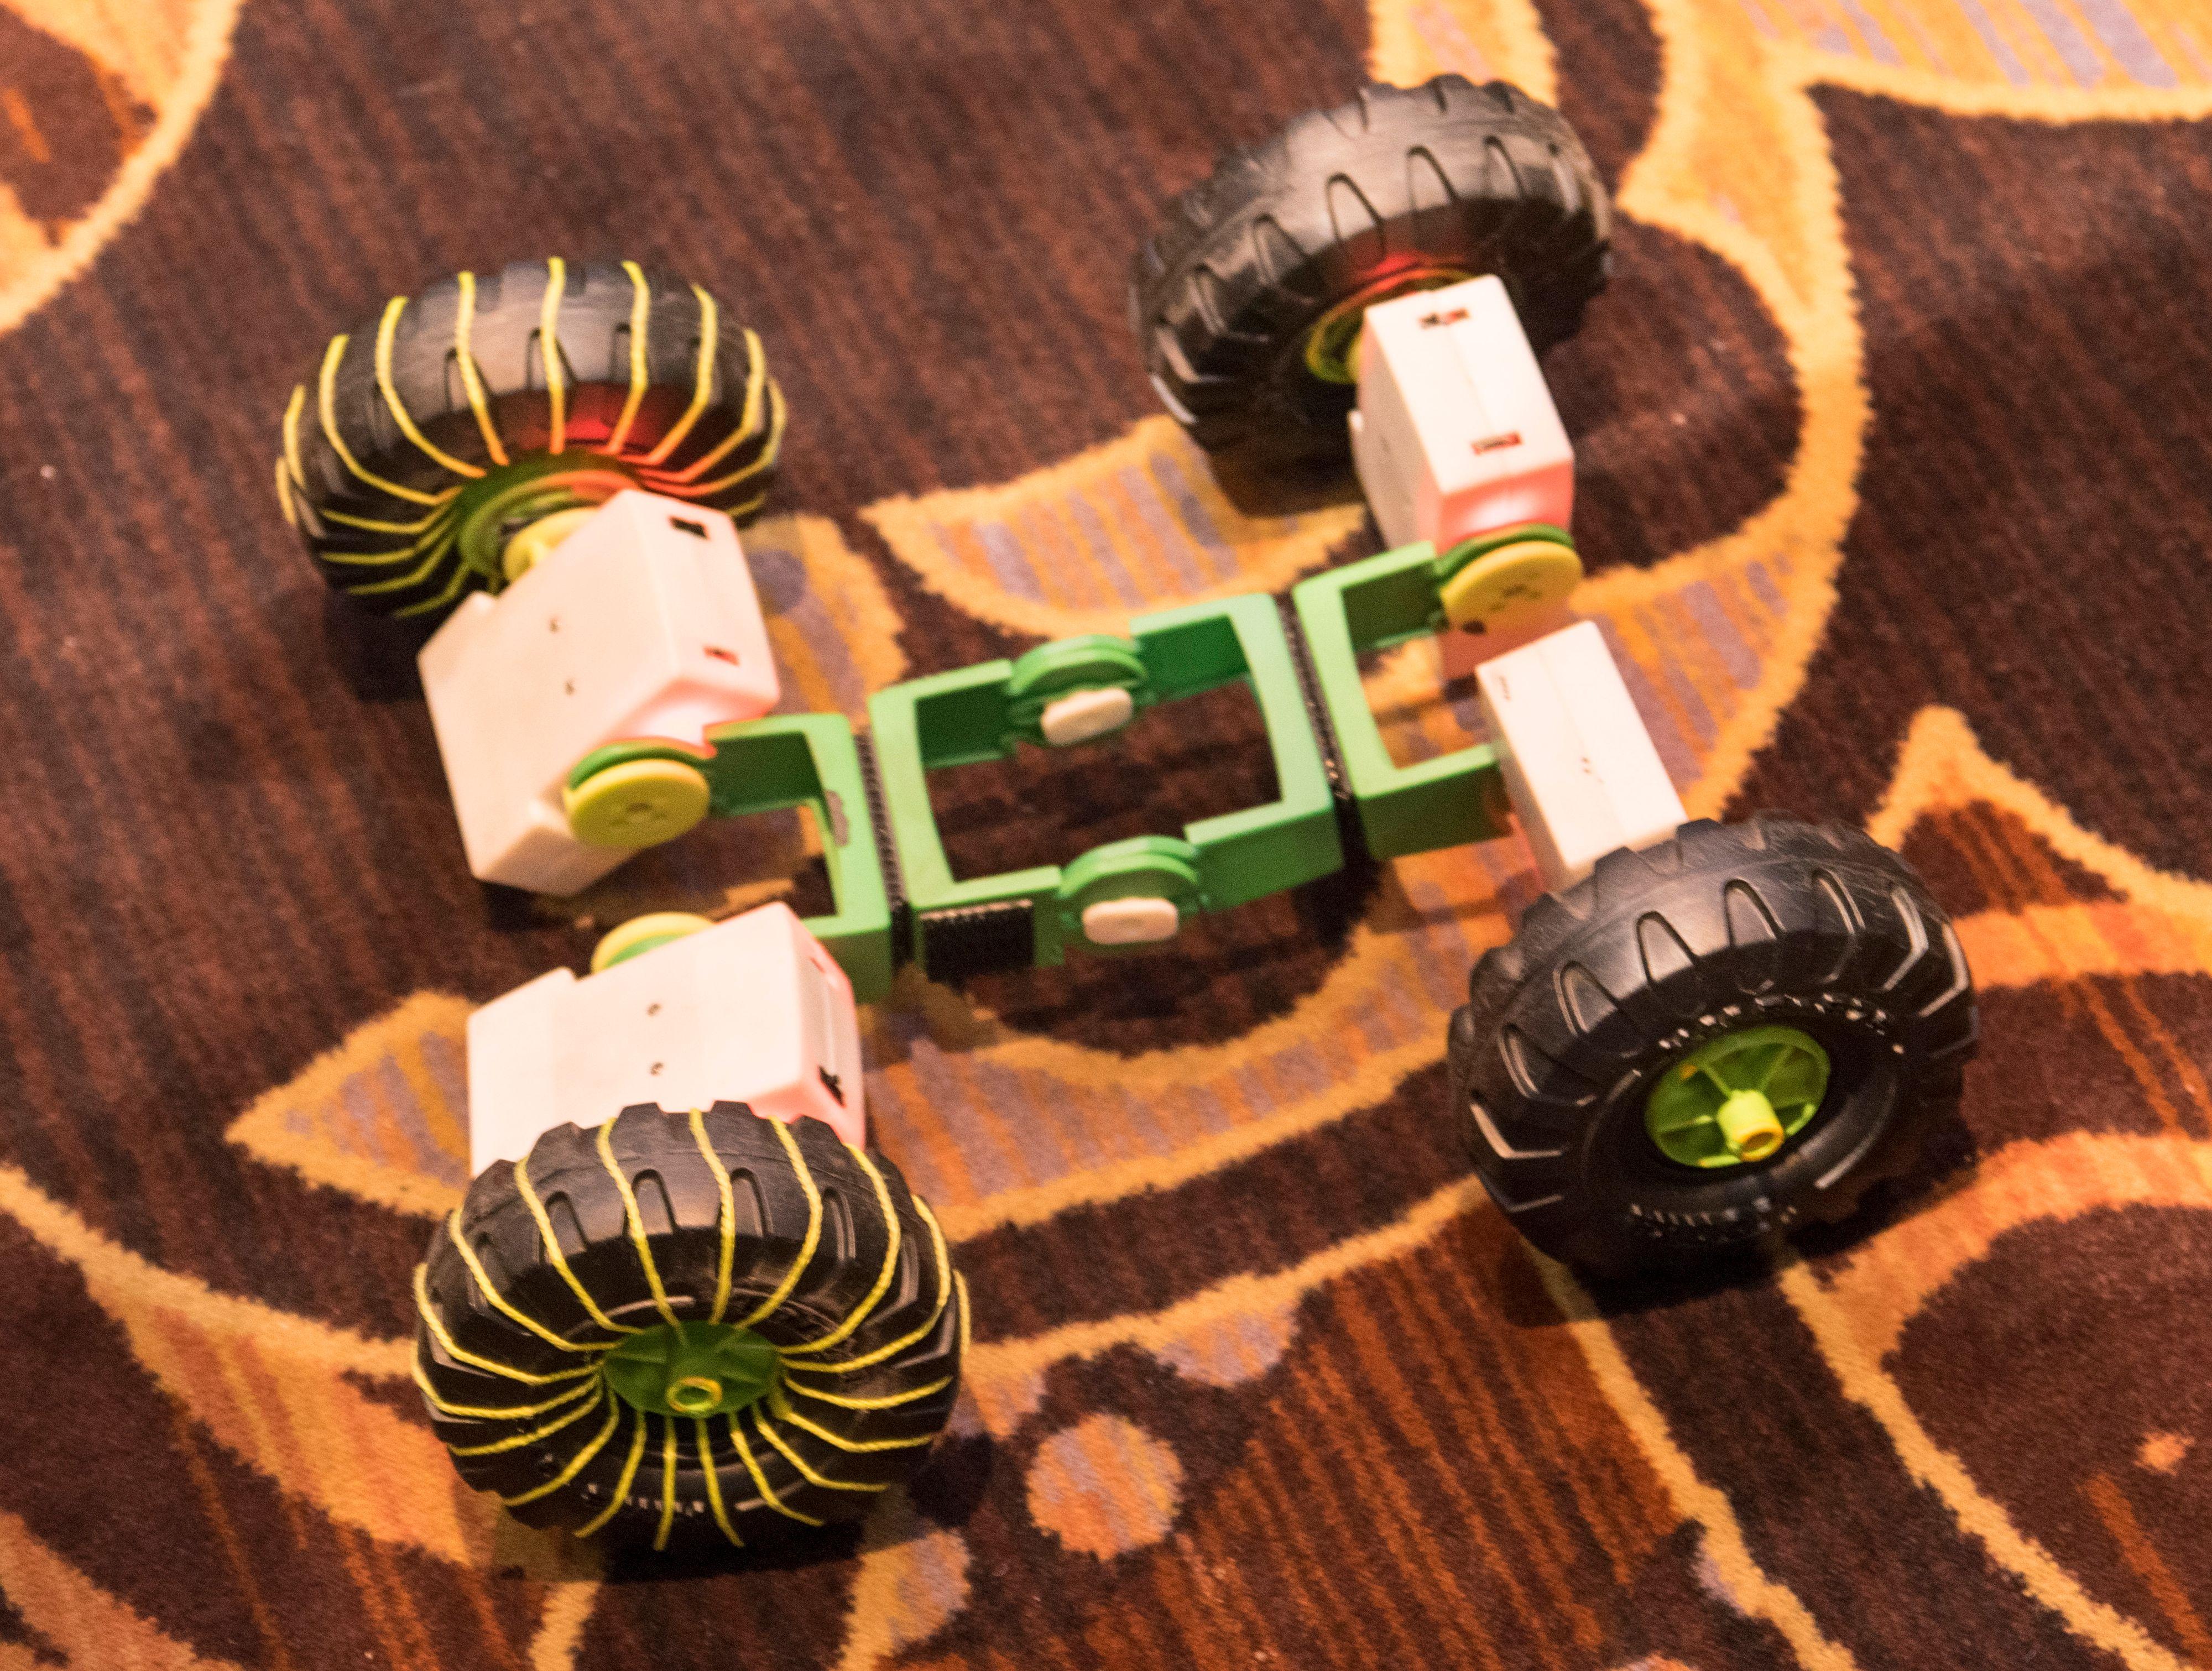 Du kan bygge bil med modulene. Denne ble demonstrert for en rekke glisende journalister på CES' messegulv.